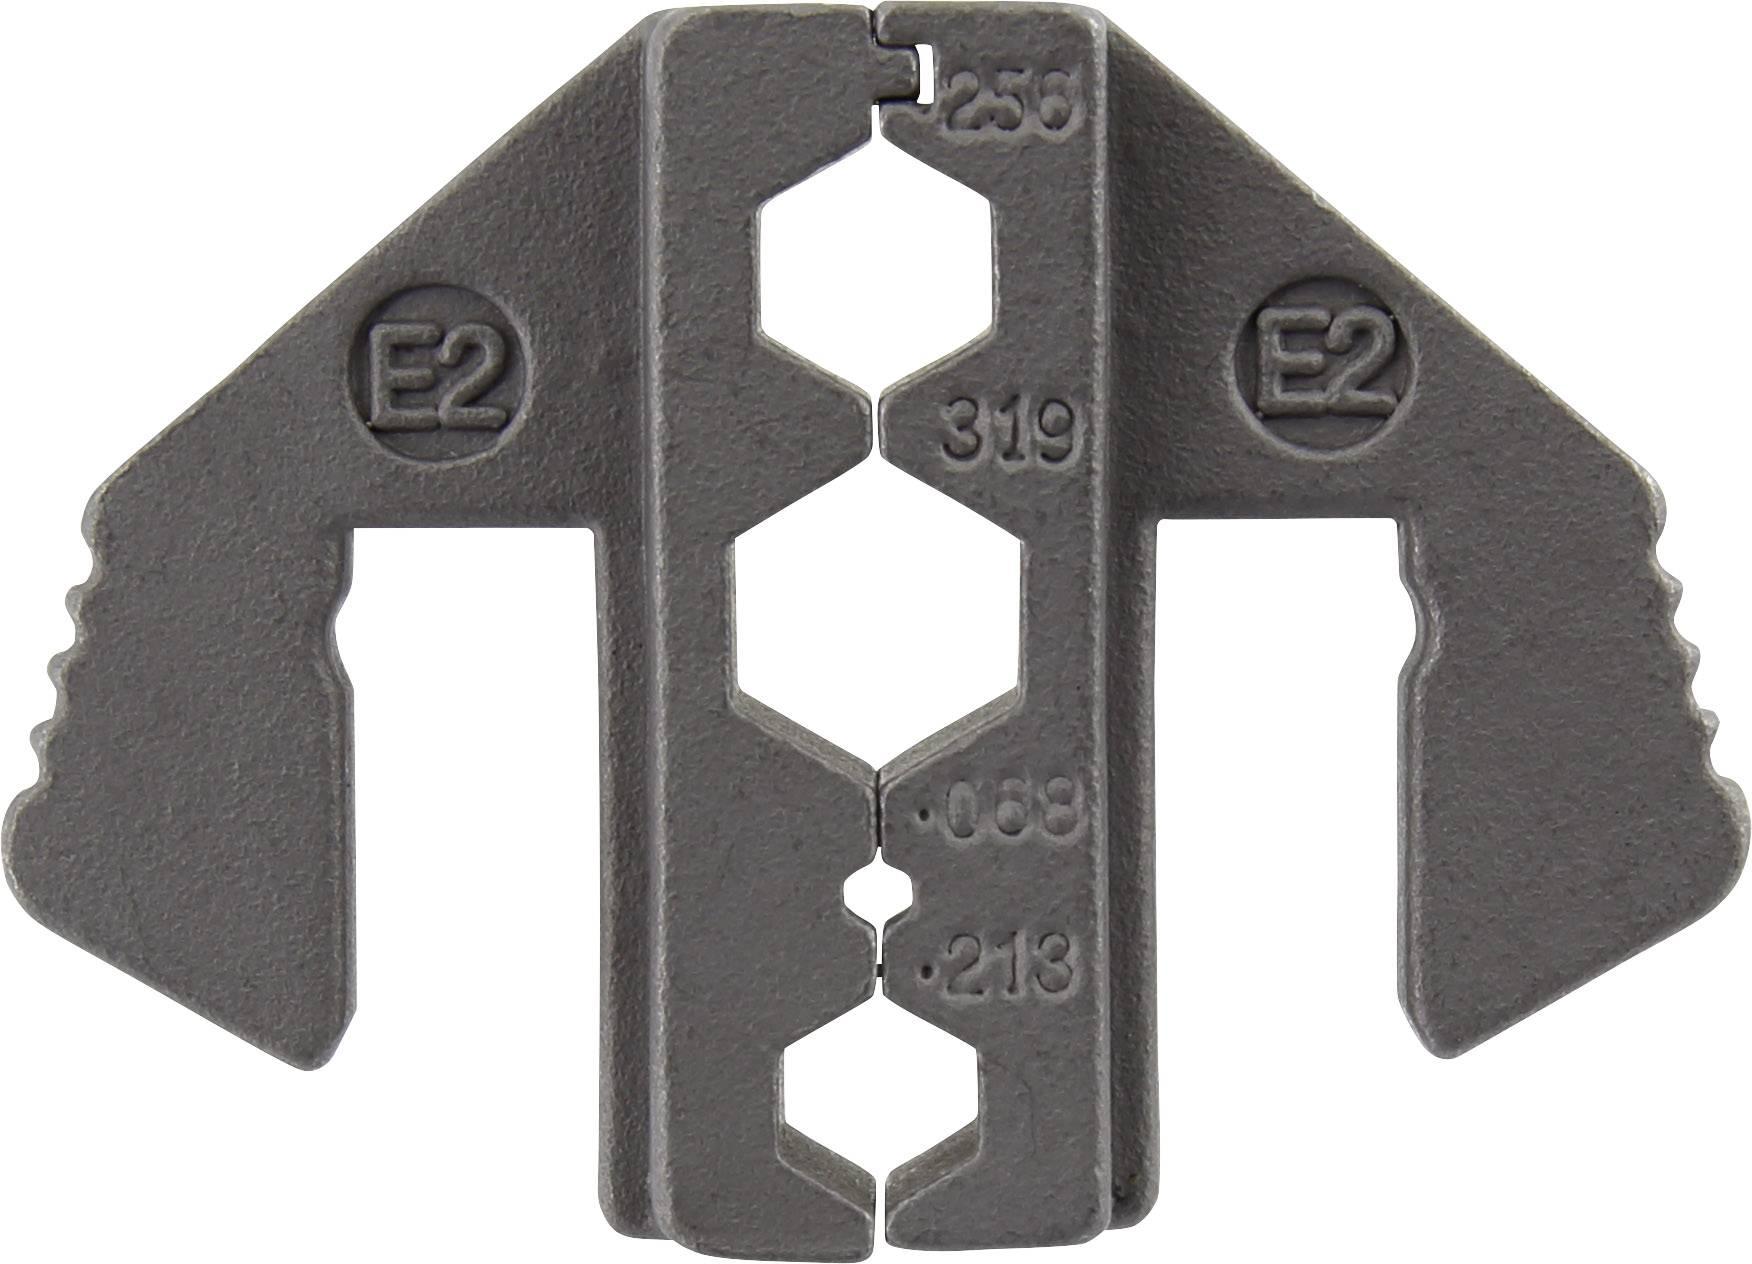 Krimpovací nástavec TOOLCRAFT 1423398, pre druhy káblov RG59, RG58, RG62, RG6, ATT.LOV.FITS4_BRAND_PLIERS TOOLCRAFT, 1423556